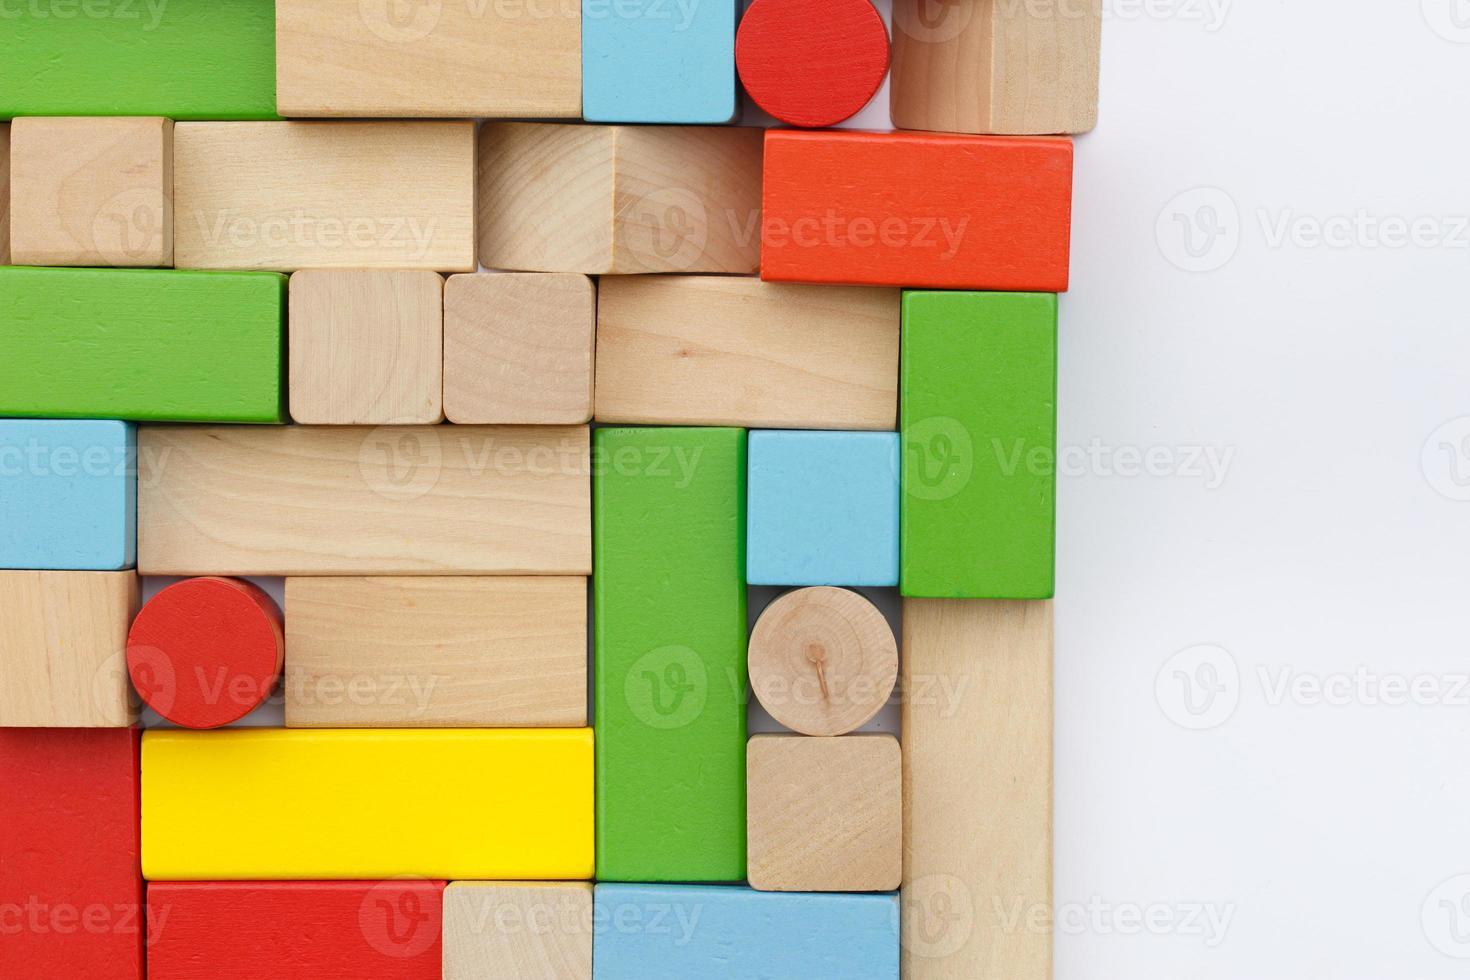 blocchi di legno isolati su sfondo bianco foto